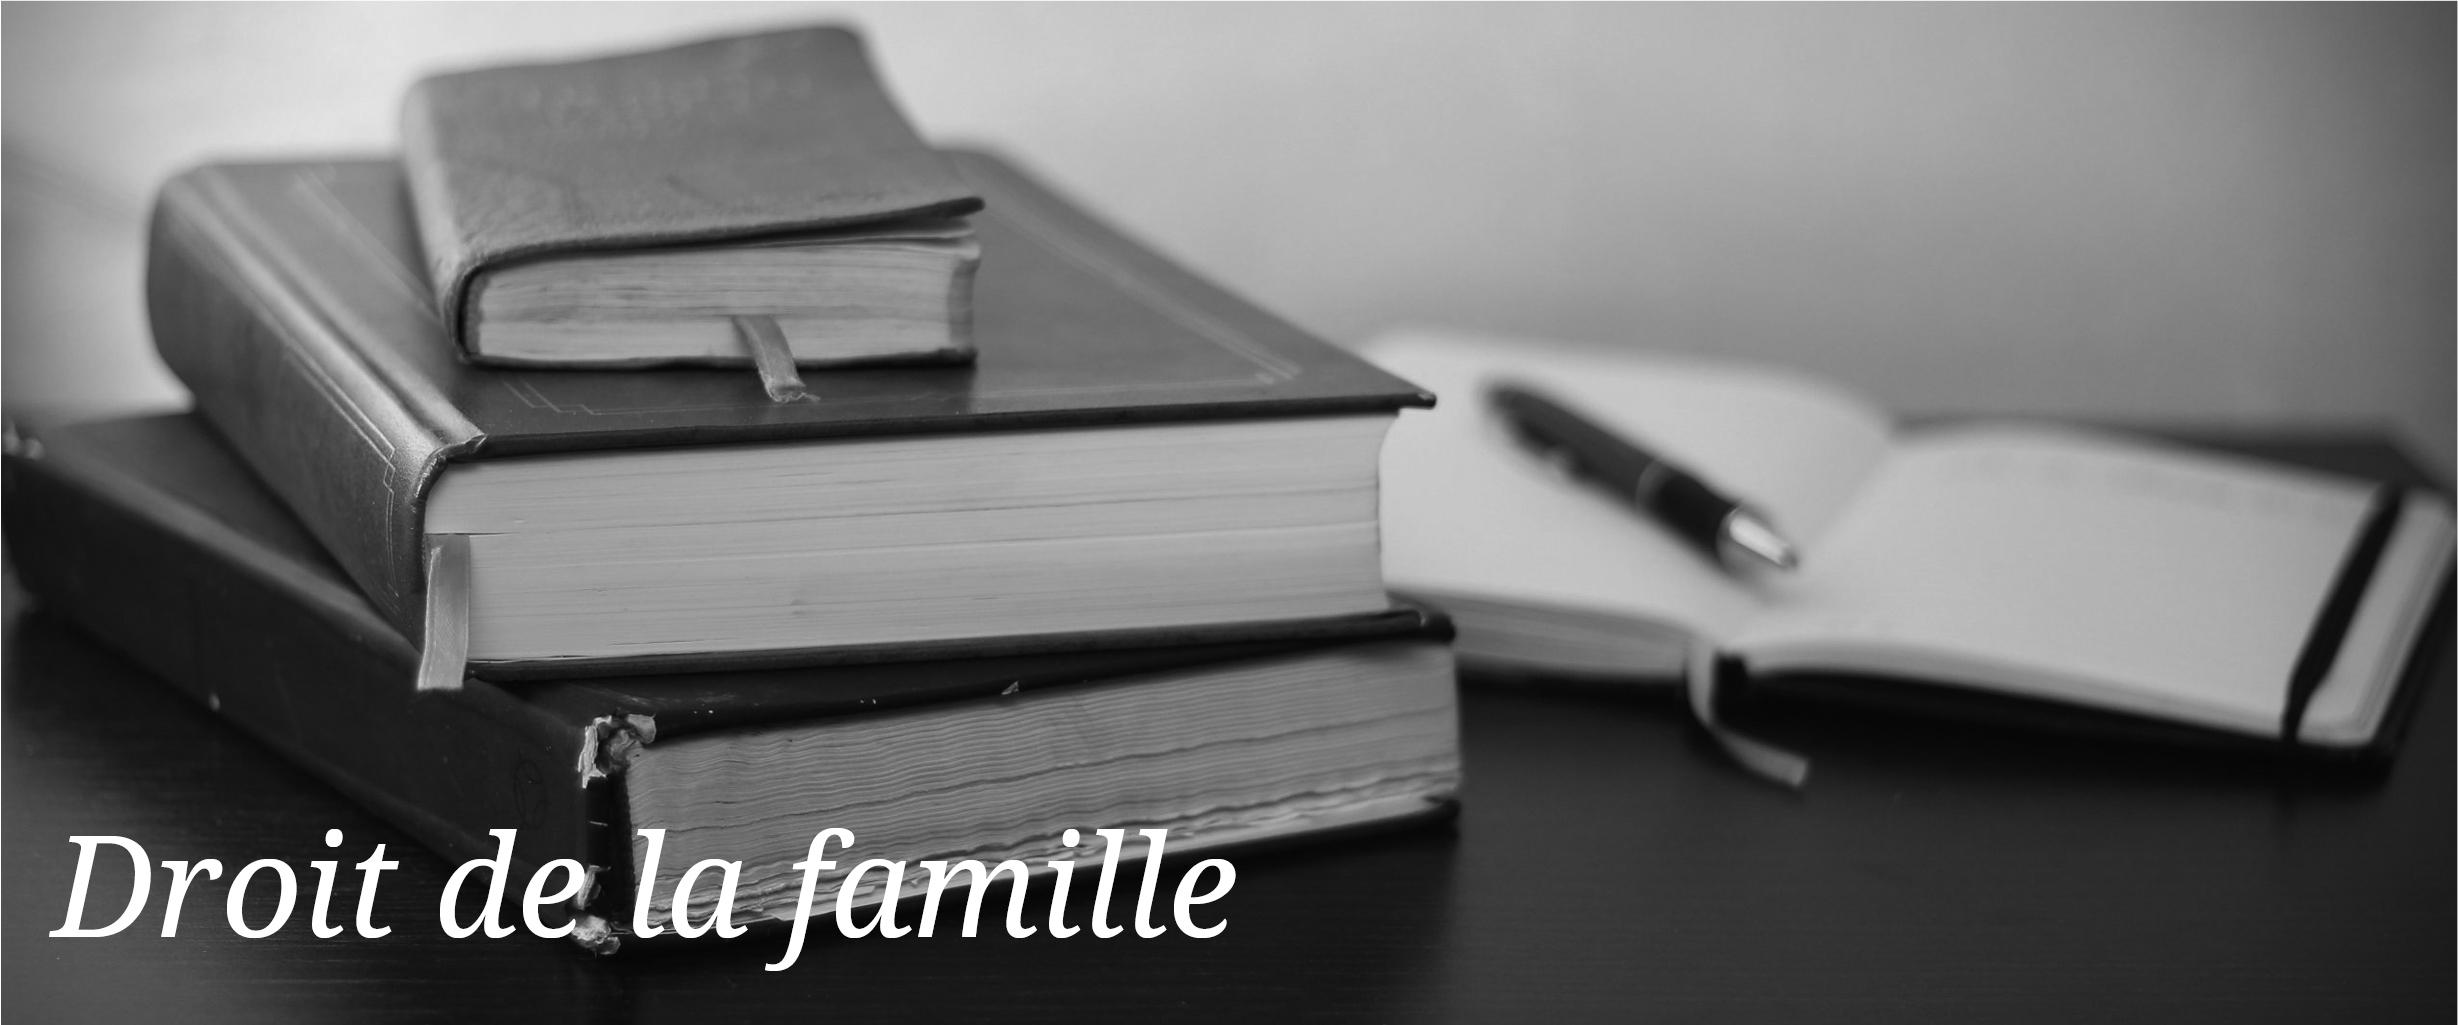 avocat secci - droit de la famille